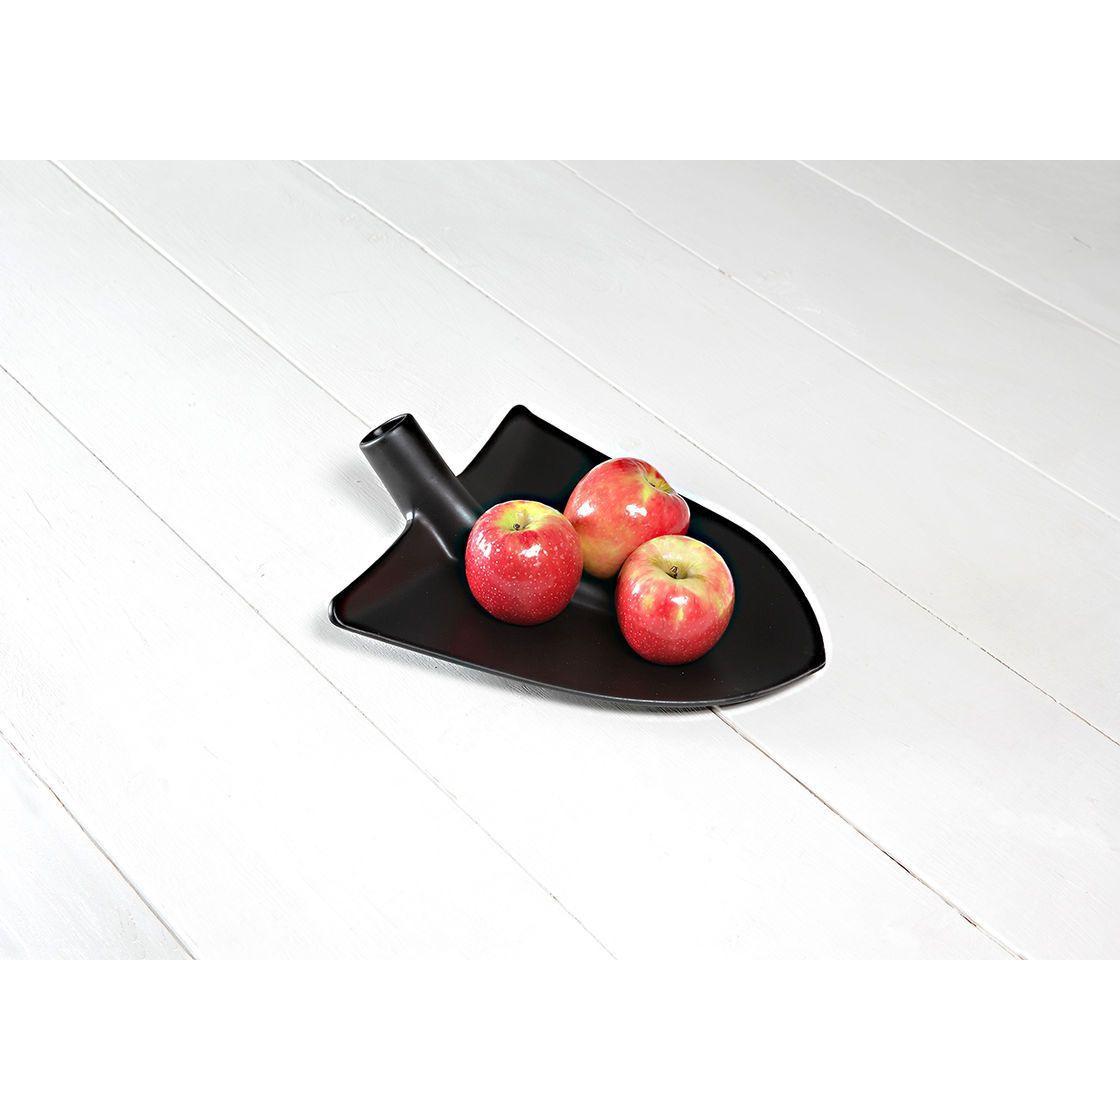 Portafrutta in ceramica nera opaca a forma di pala